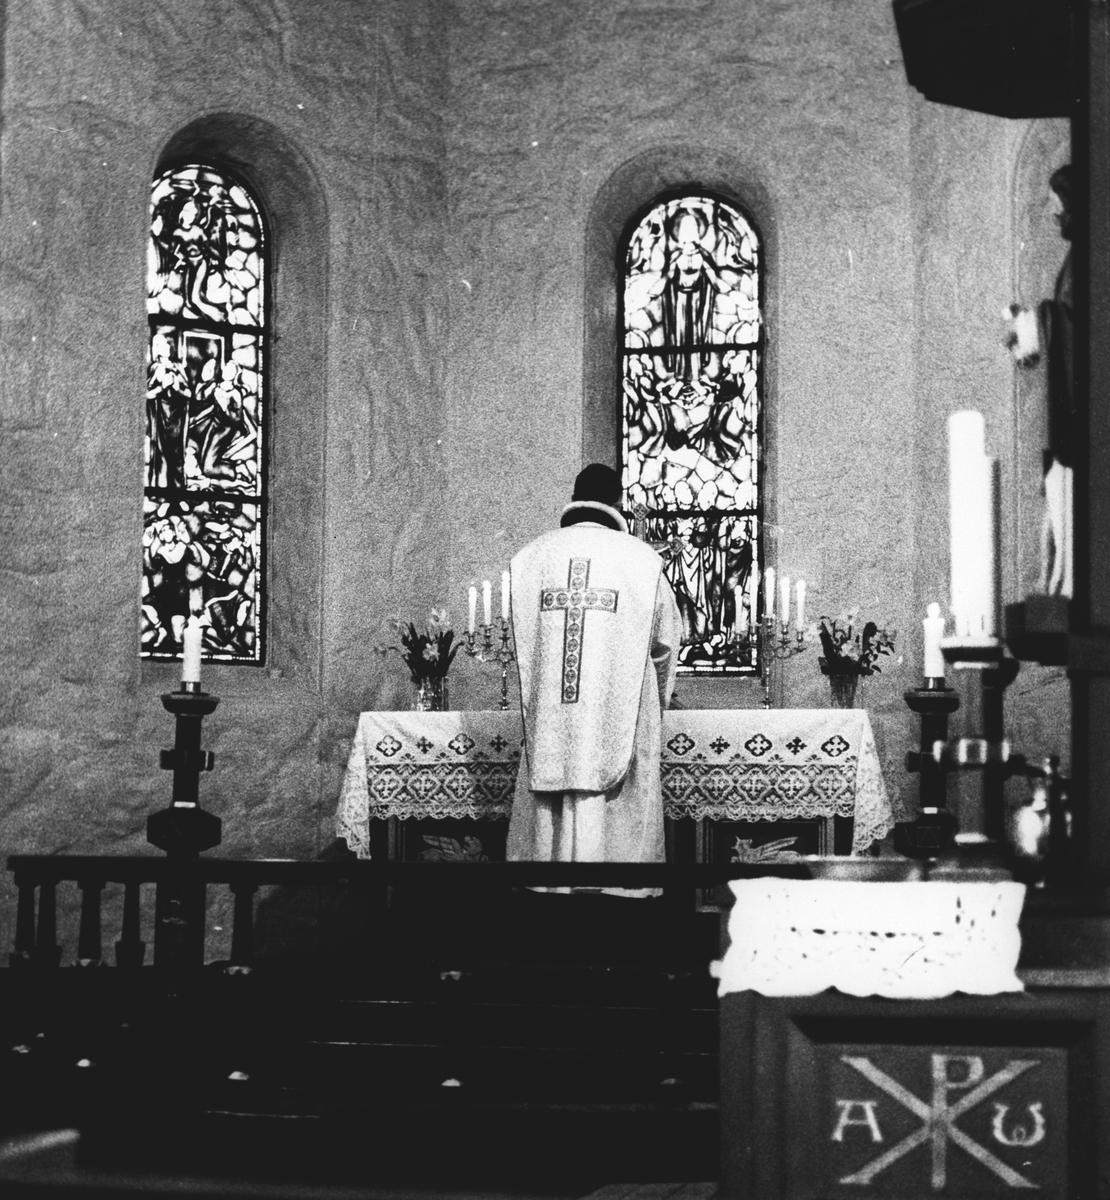 Interiør Kolbotn Kirke, Prest ved alteret